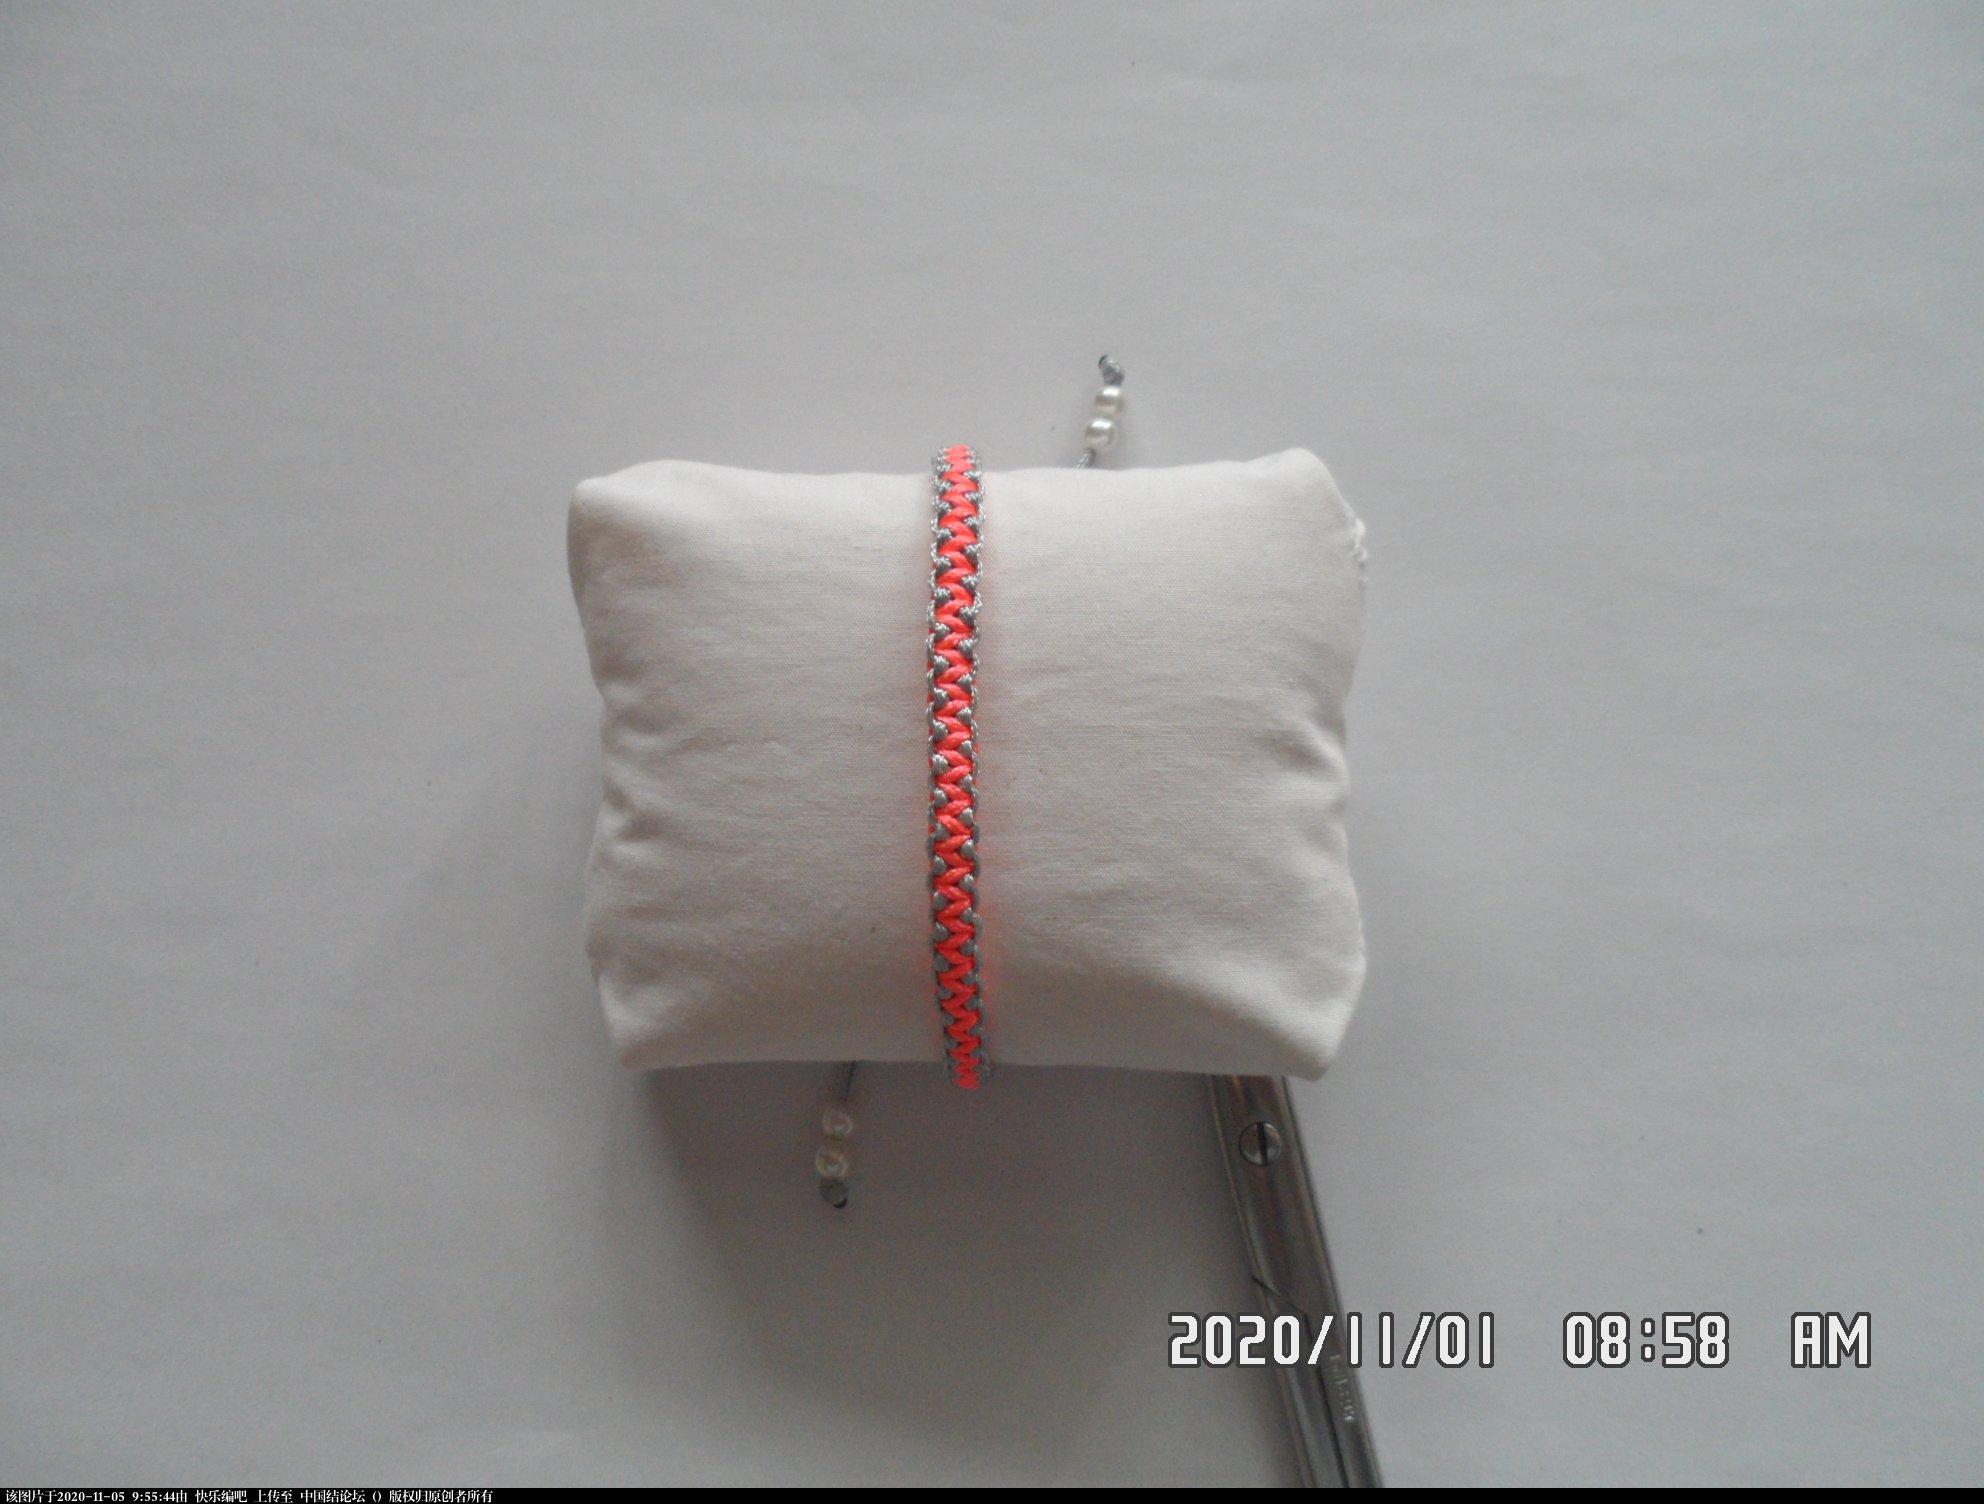 中国结论坛 一款添加装饰线的平结手绳 —— 平结还可以这样编(4) 平结,平结的链,手链,中国结入门基础教程 图文教程区 084942d3w43643jxw3b6wc